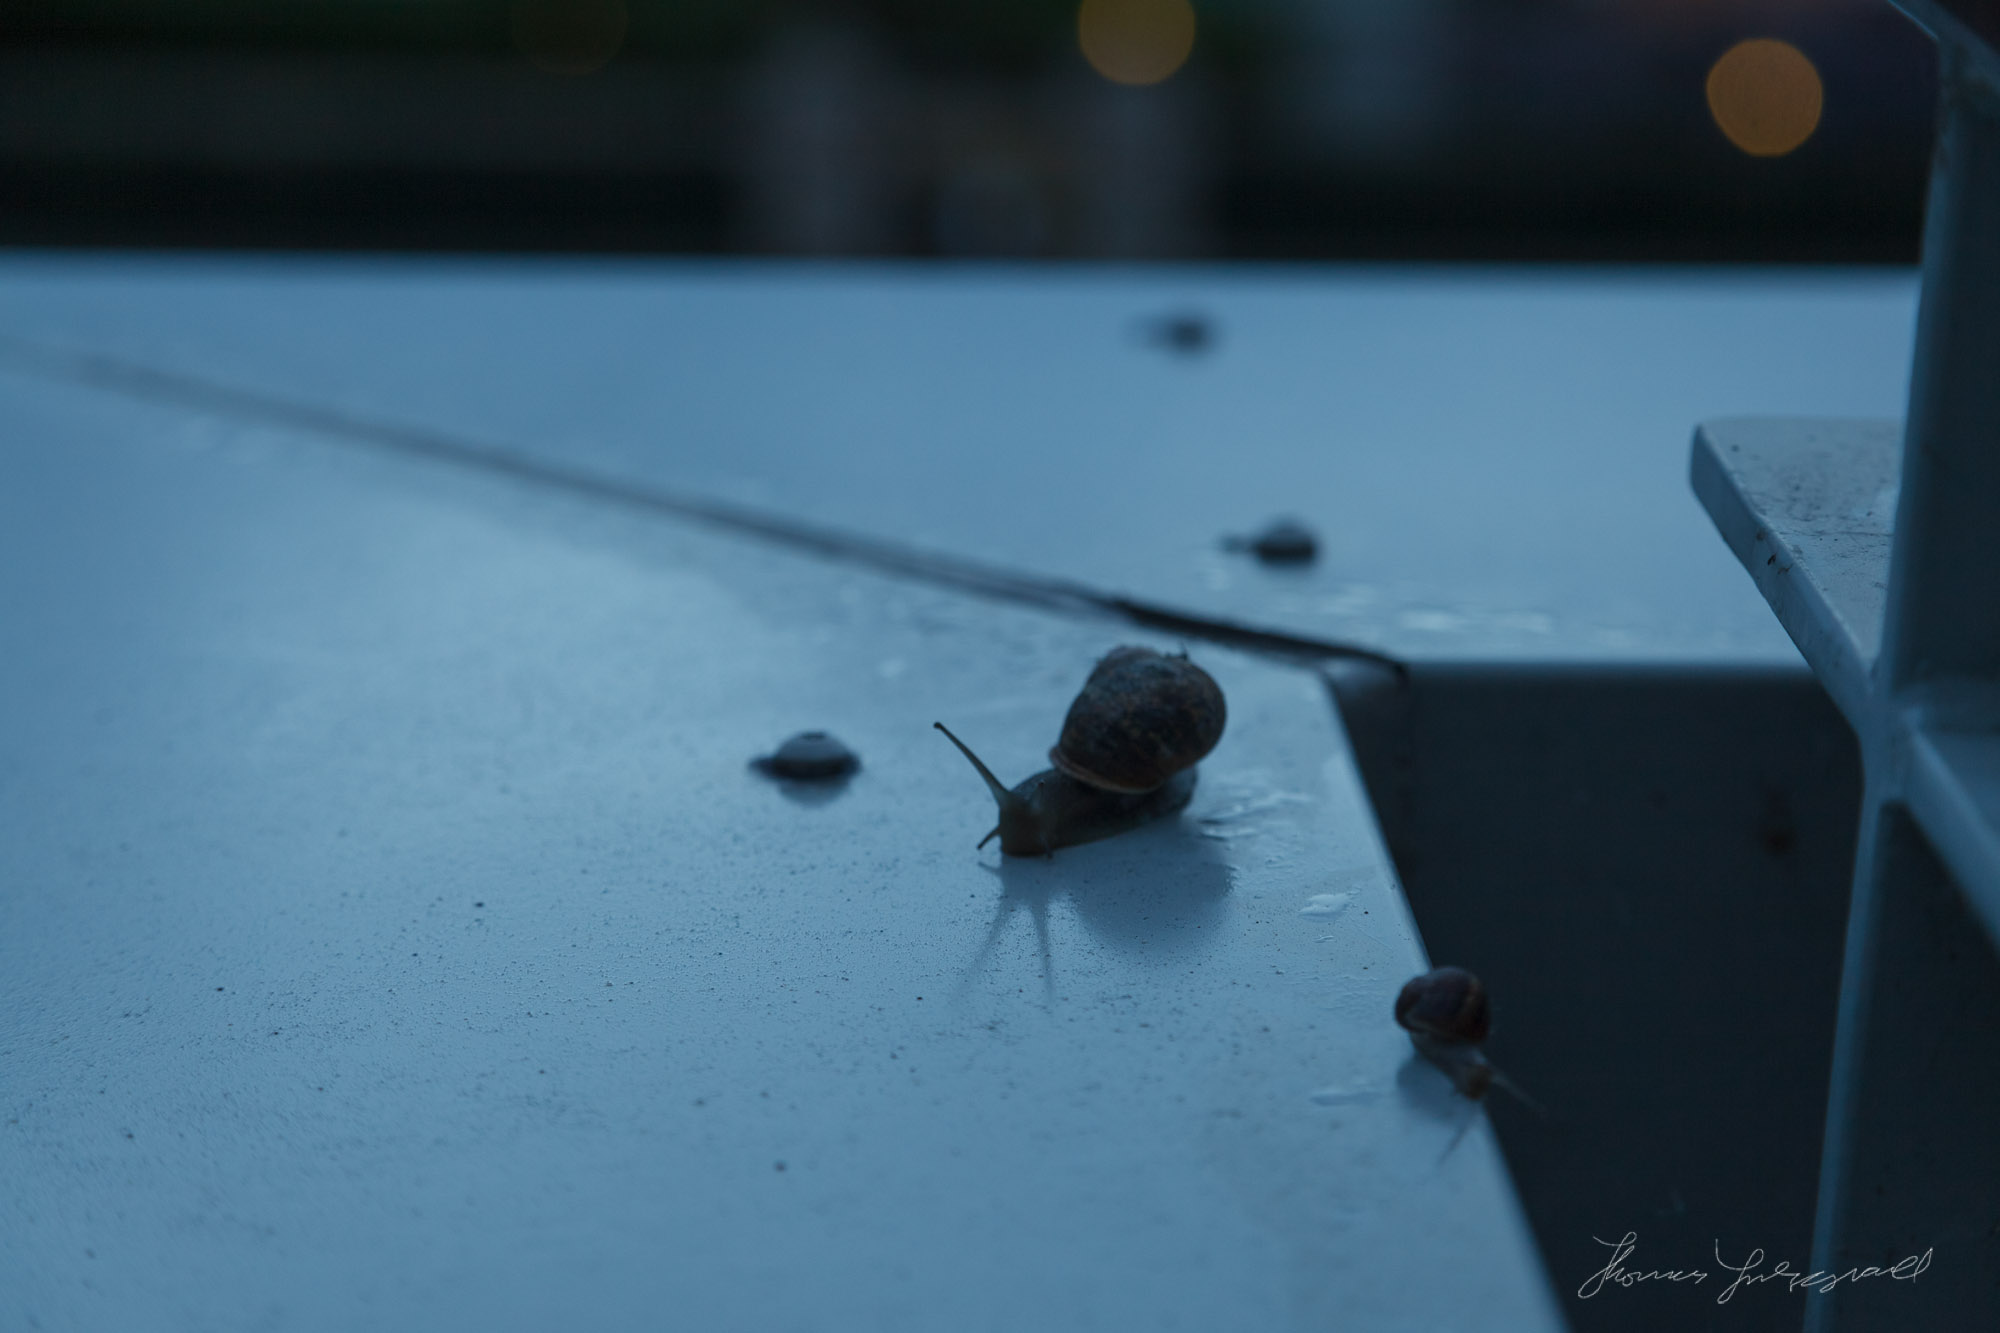 More Snails